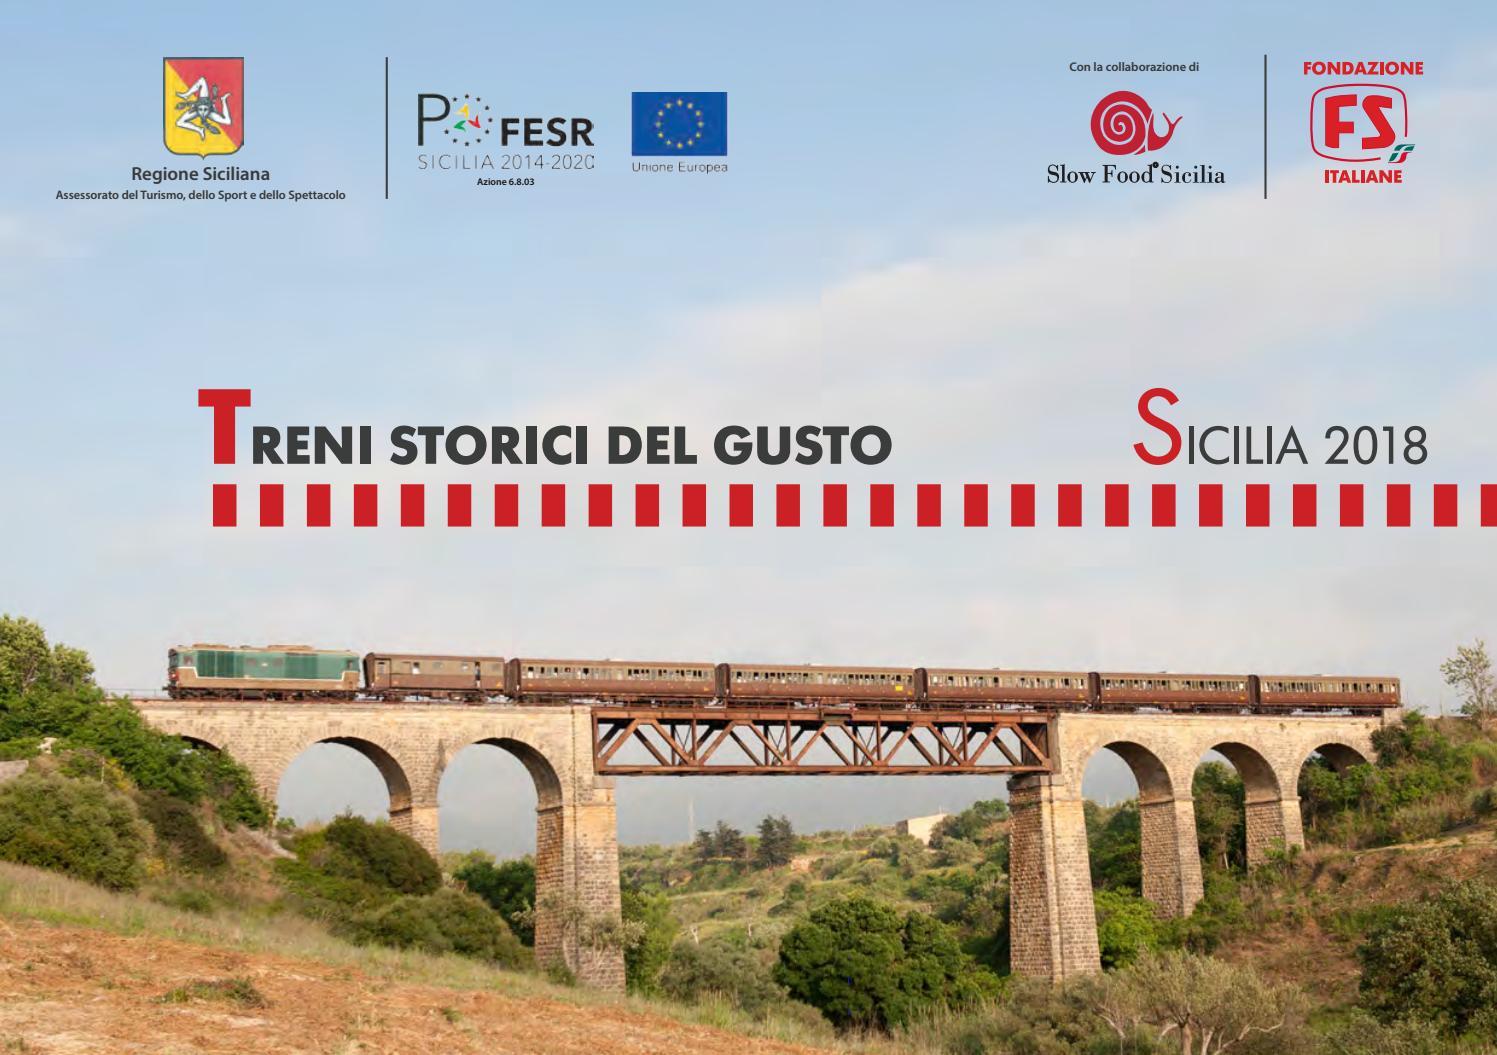 Calendario Treni Storici 2020.Treni Storici Del Gusto Sicilia 2018 By Fondazione Fs Issuu